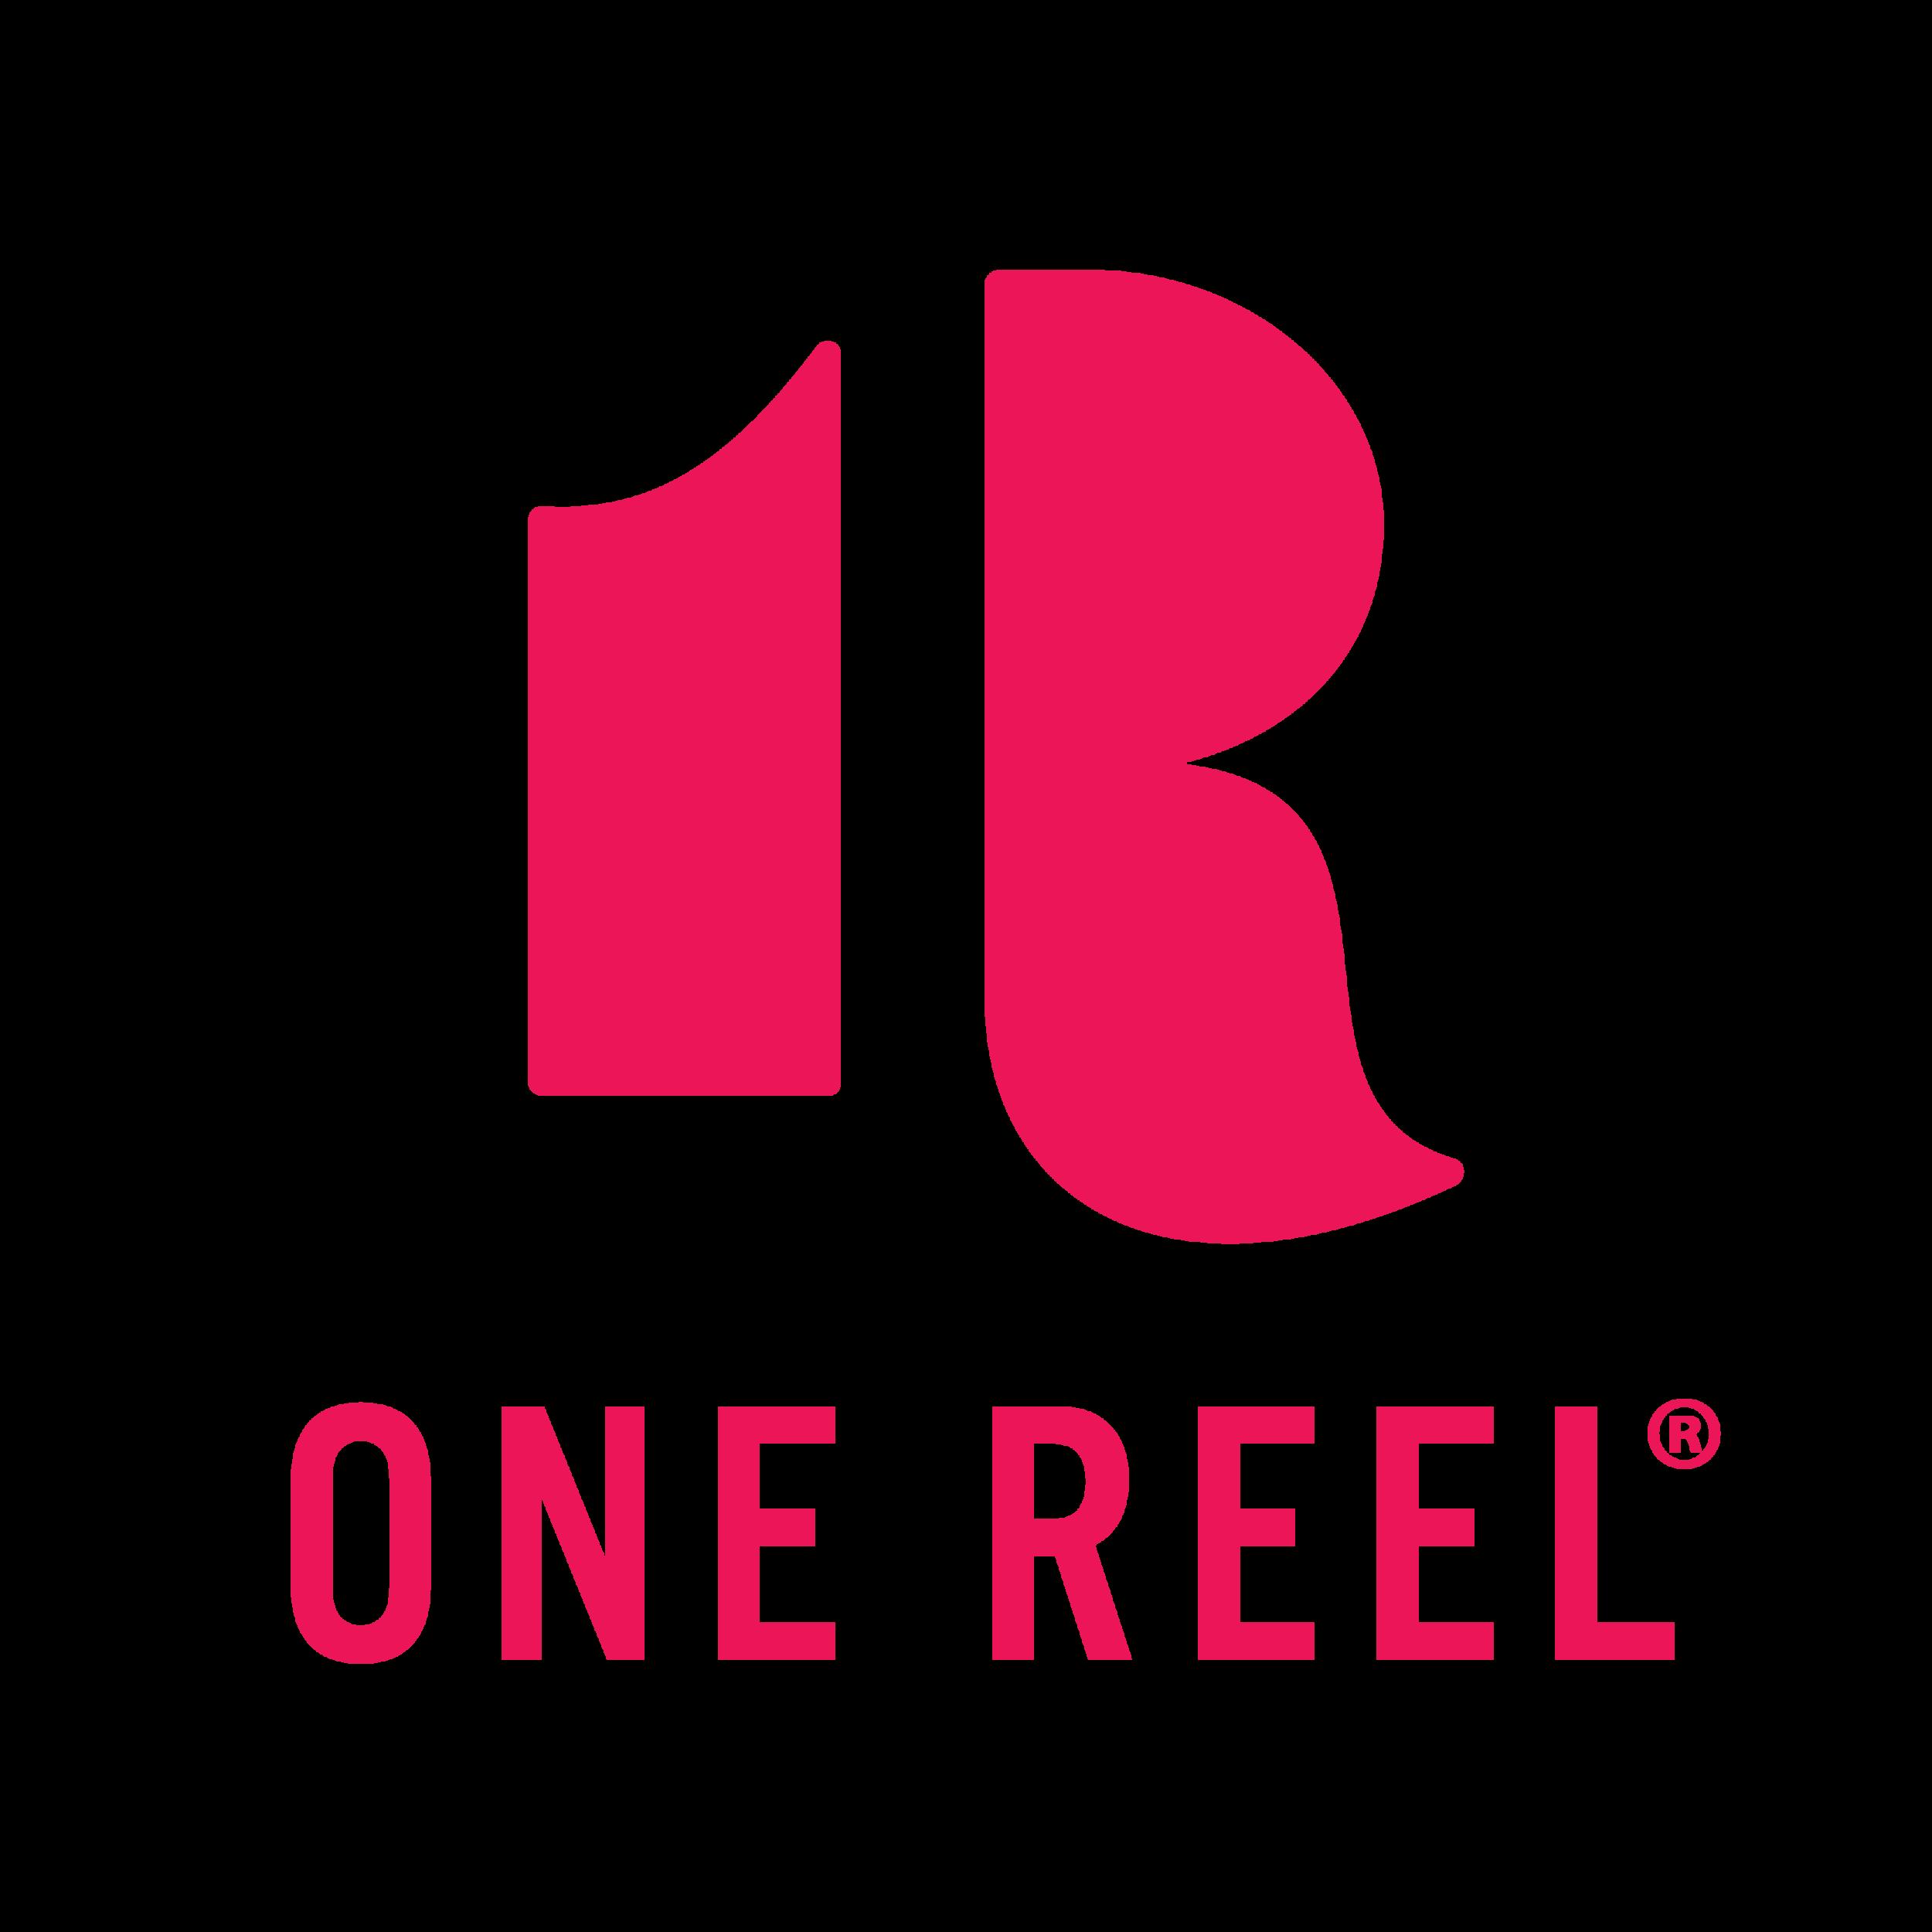 One-Reel_Color_Logo_CMYK-04.png